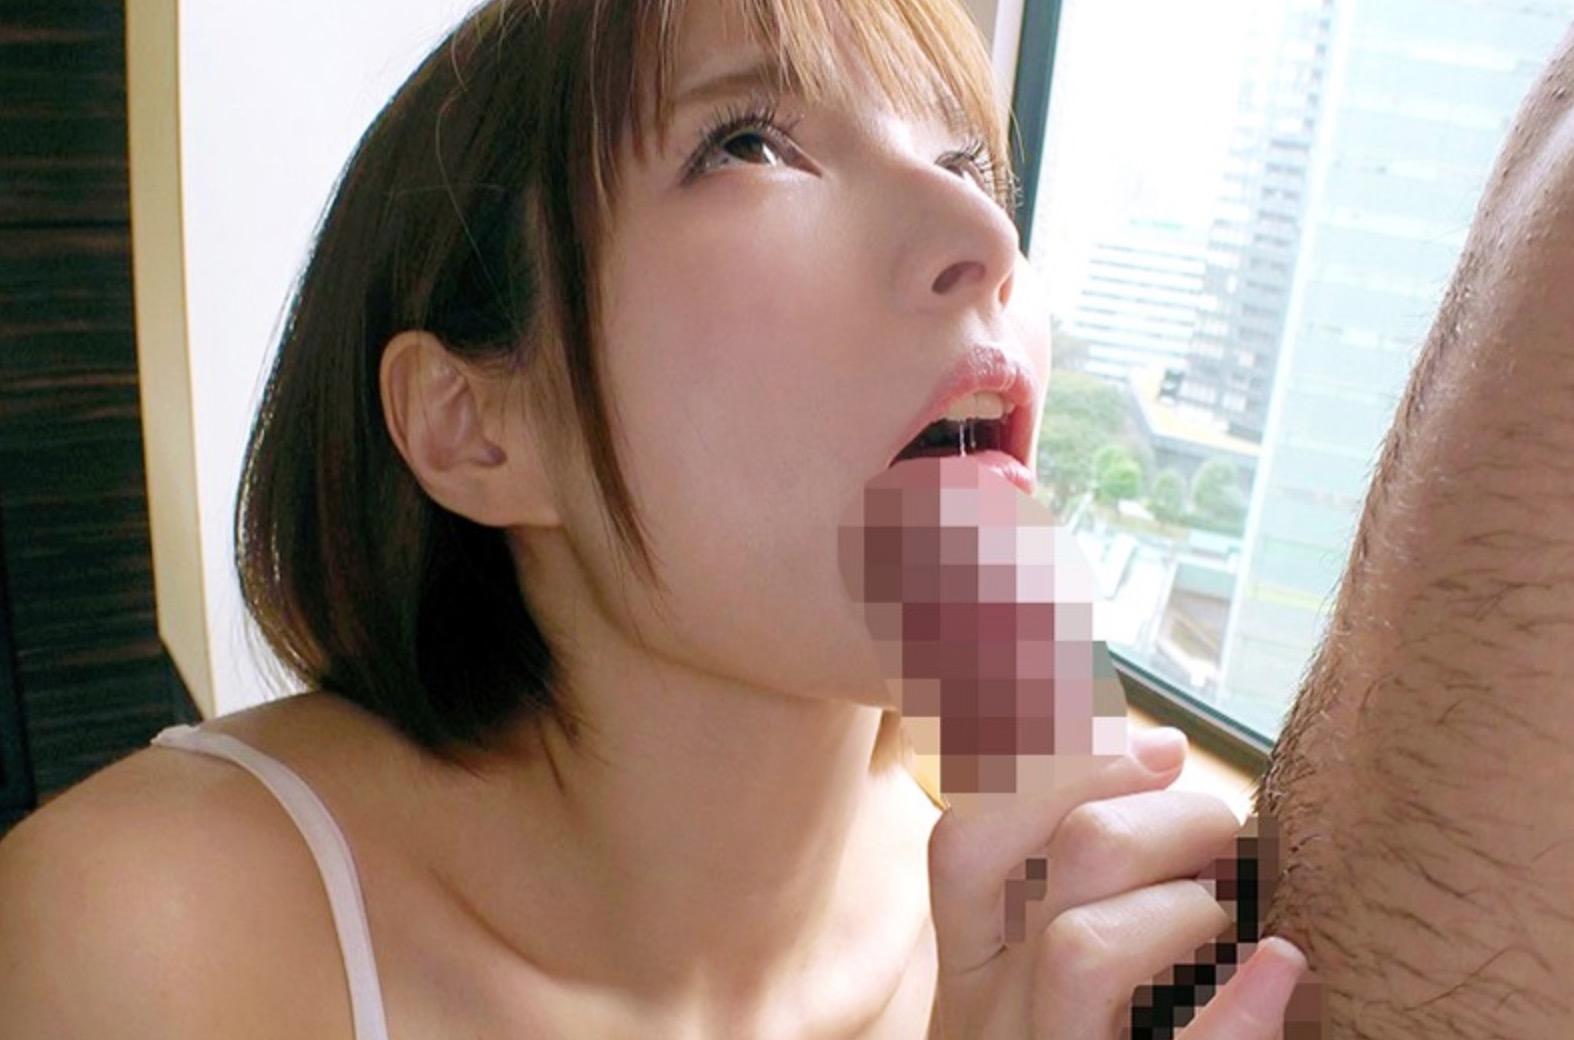 フェラをしている女性